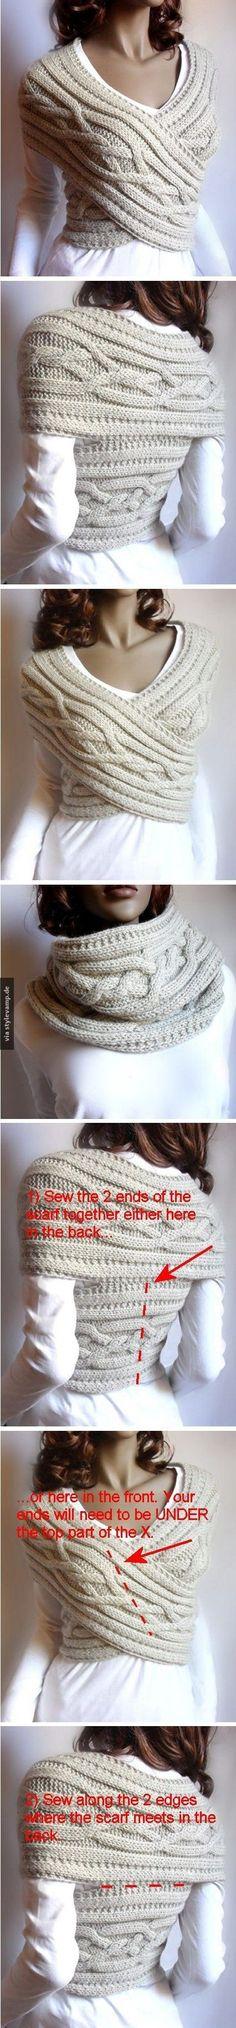 Strick-Fashion-Diva in der kalten Jahreszeit